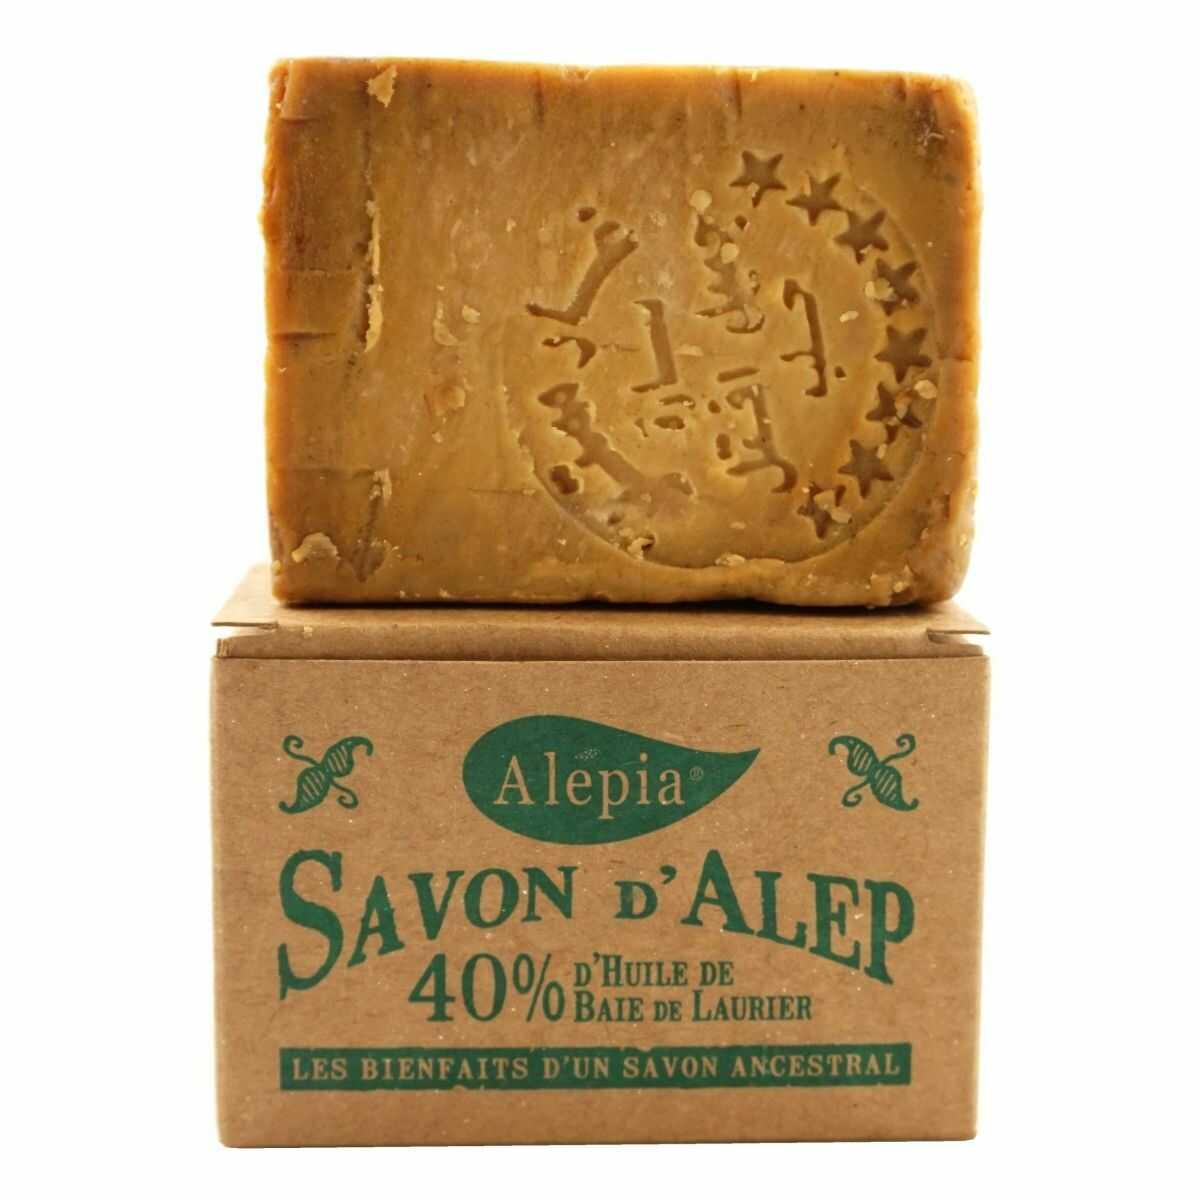 Mydło Alep z Aleppo 40% Laurie - 190g - Alepia